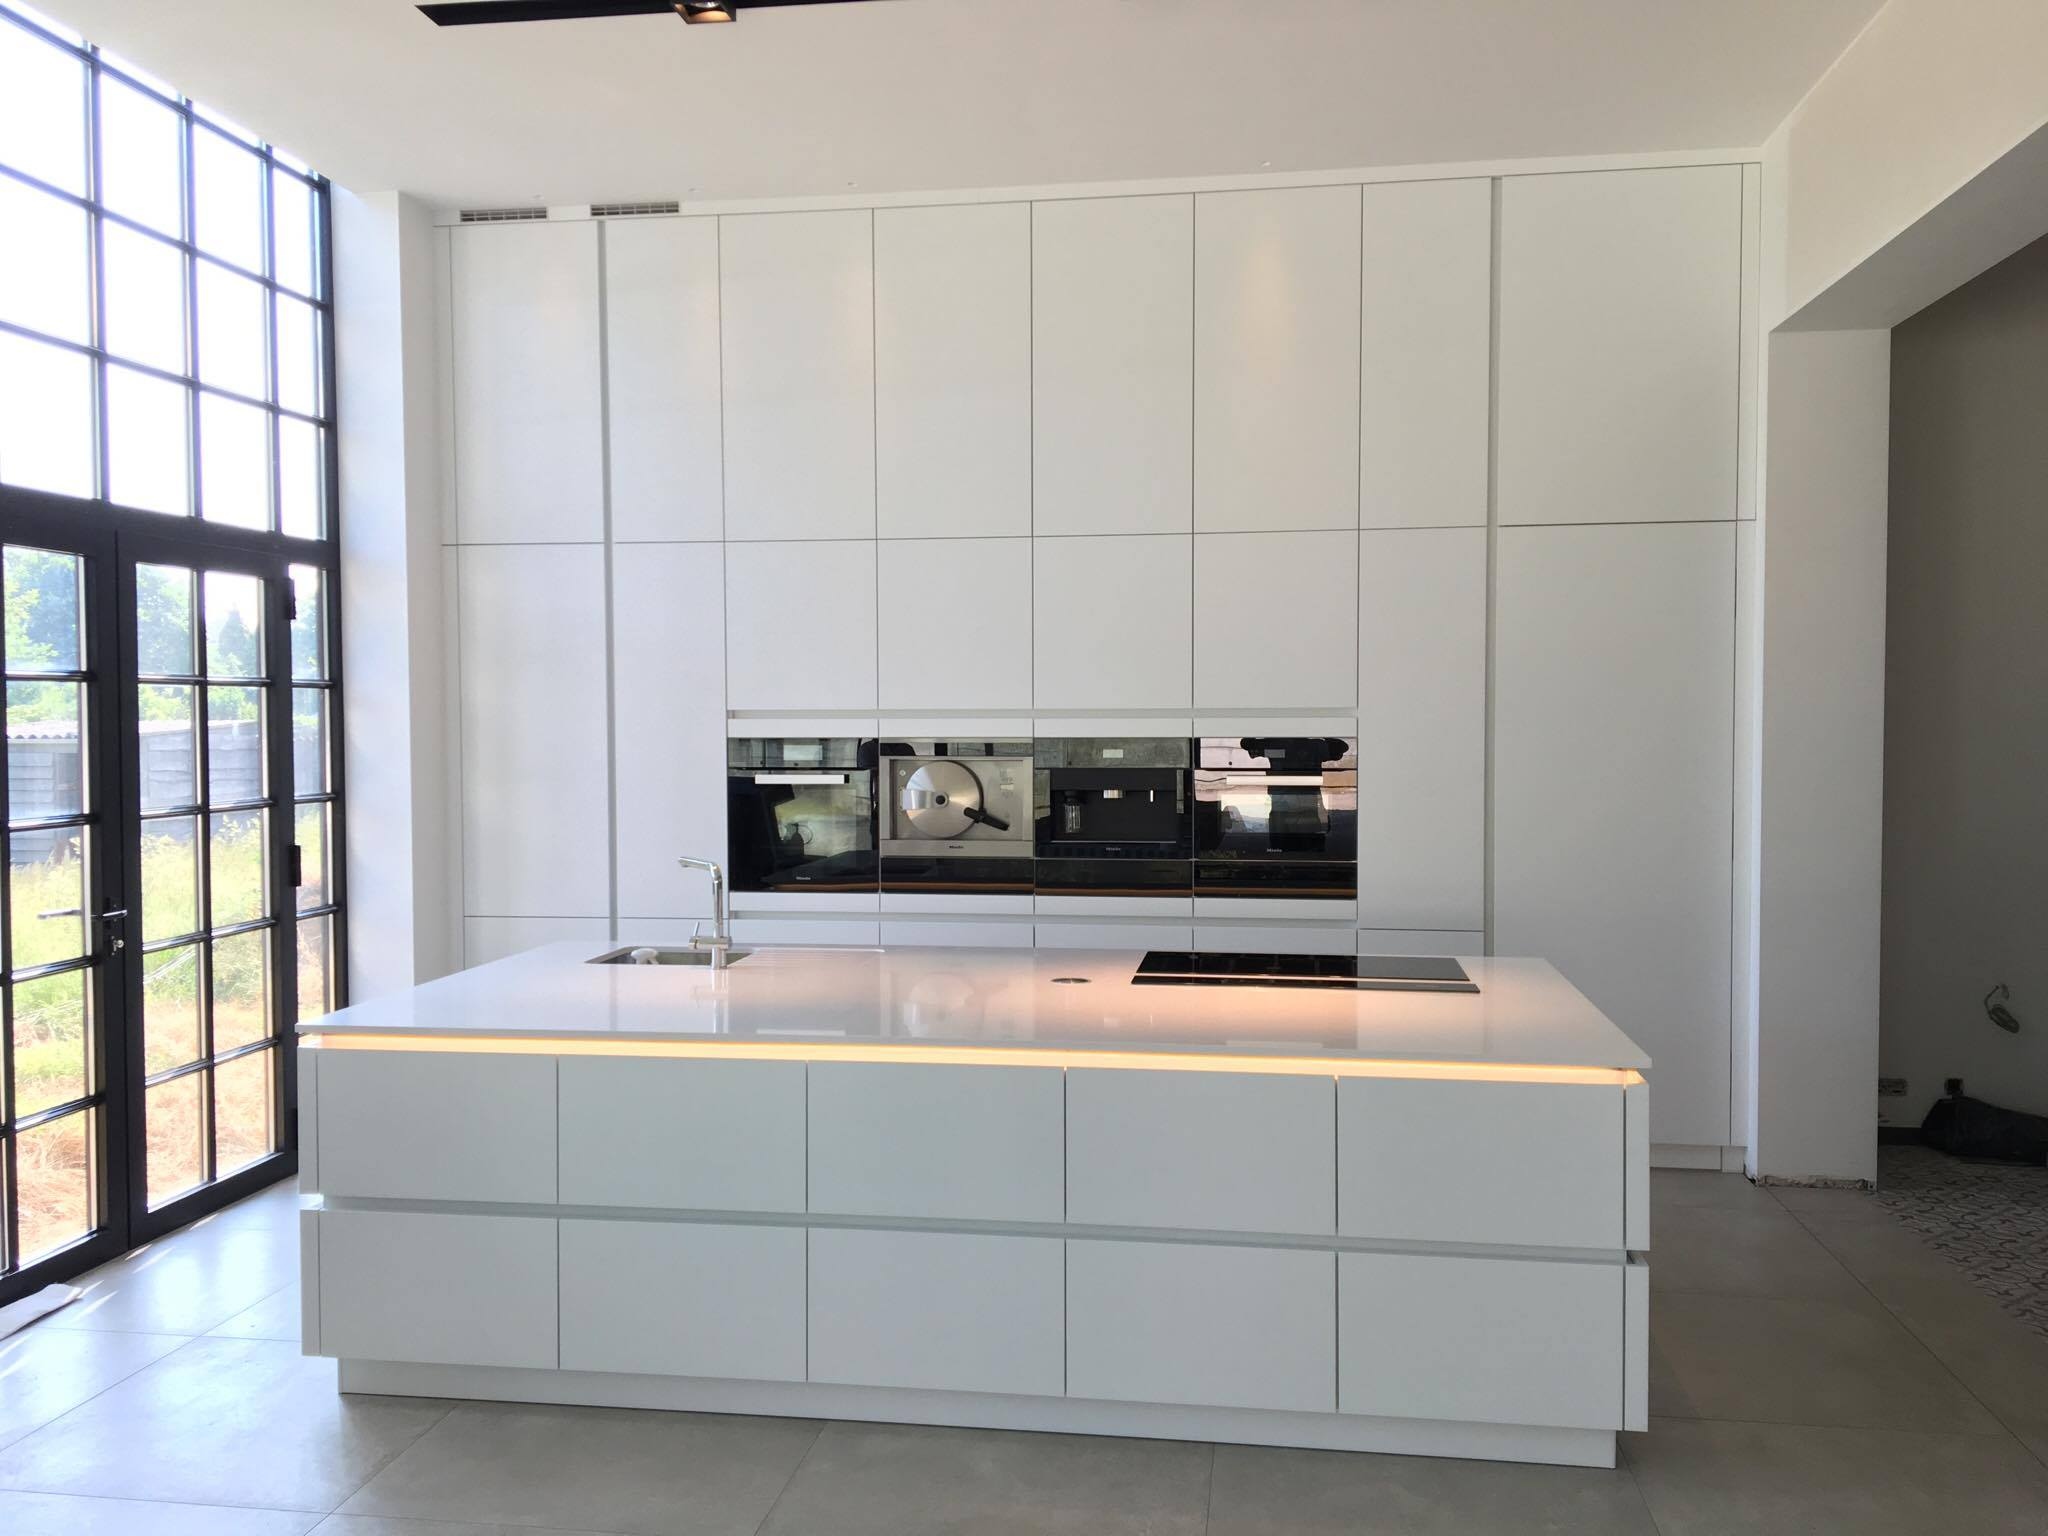 Moderne keuken met ingewerkte deur naar de berging u taes keukens